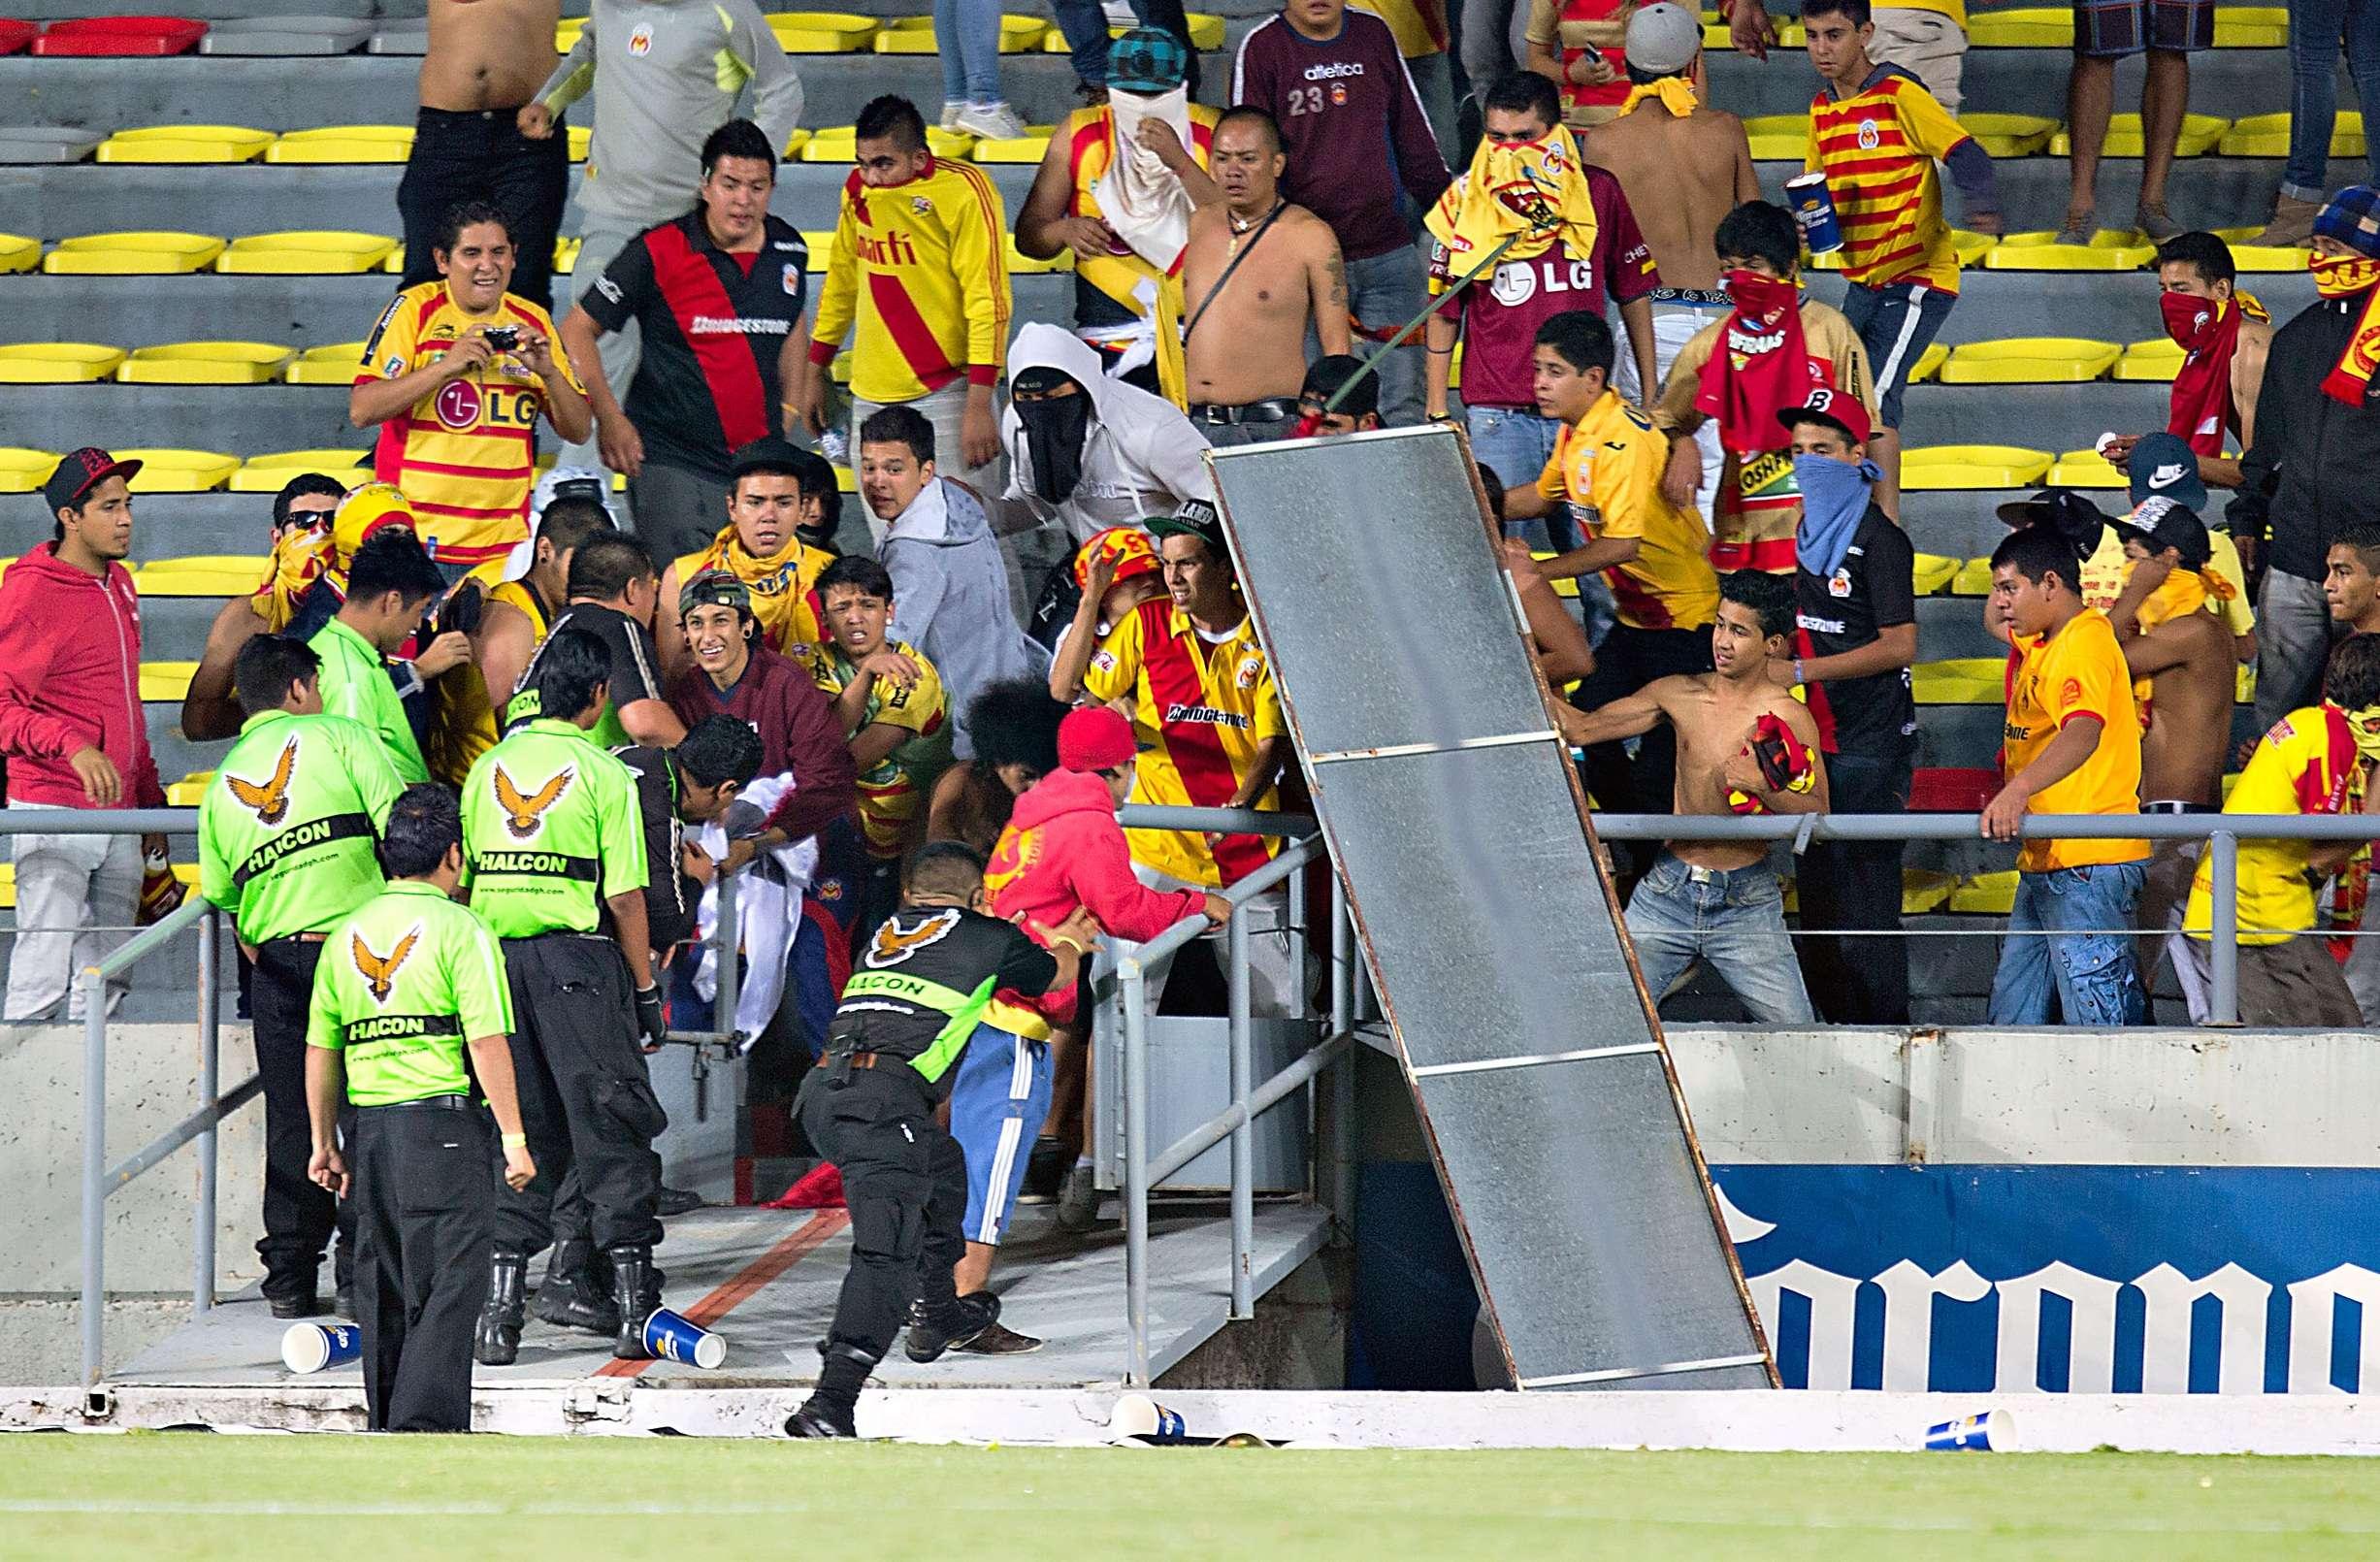 Afición de Monarcas Morelia protesta por la derrota ante Pumas e invade la cancha del estadio Morelos. Foto: Imago7